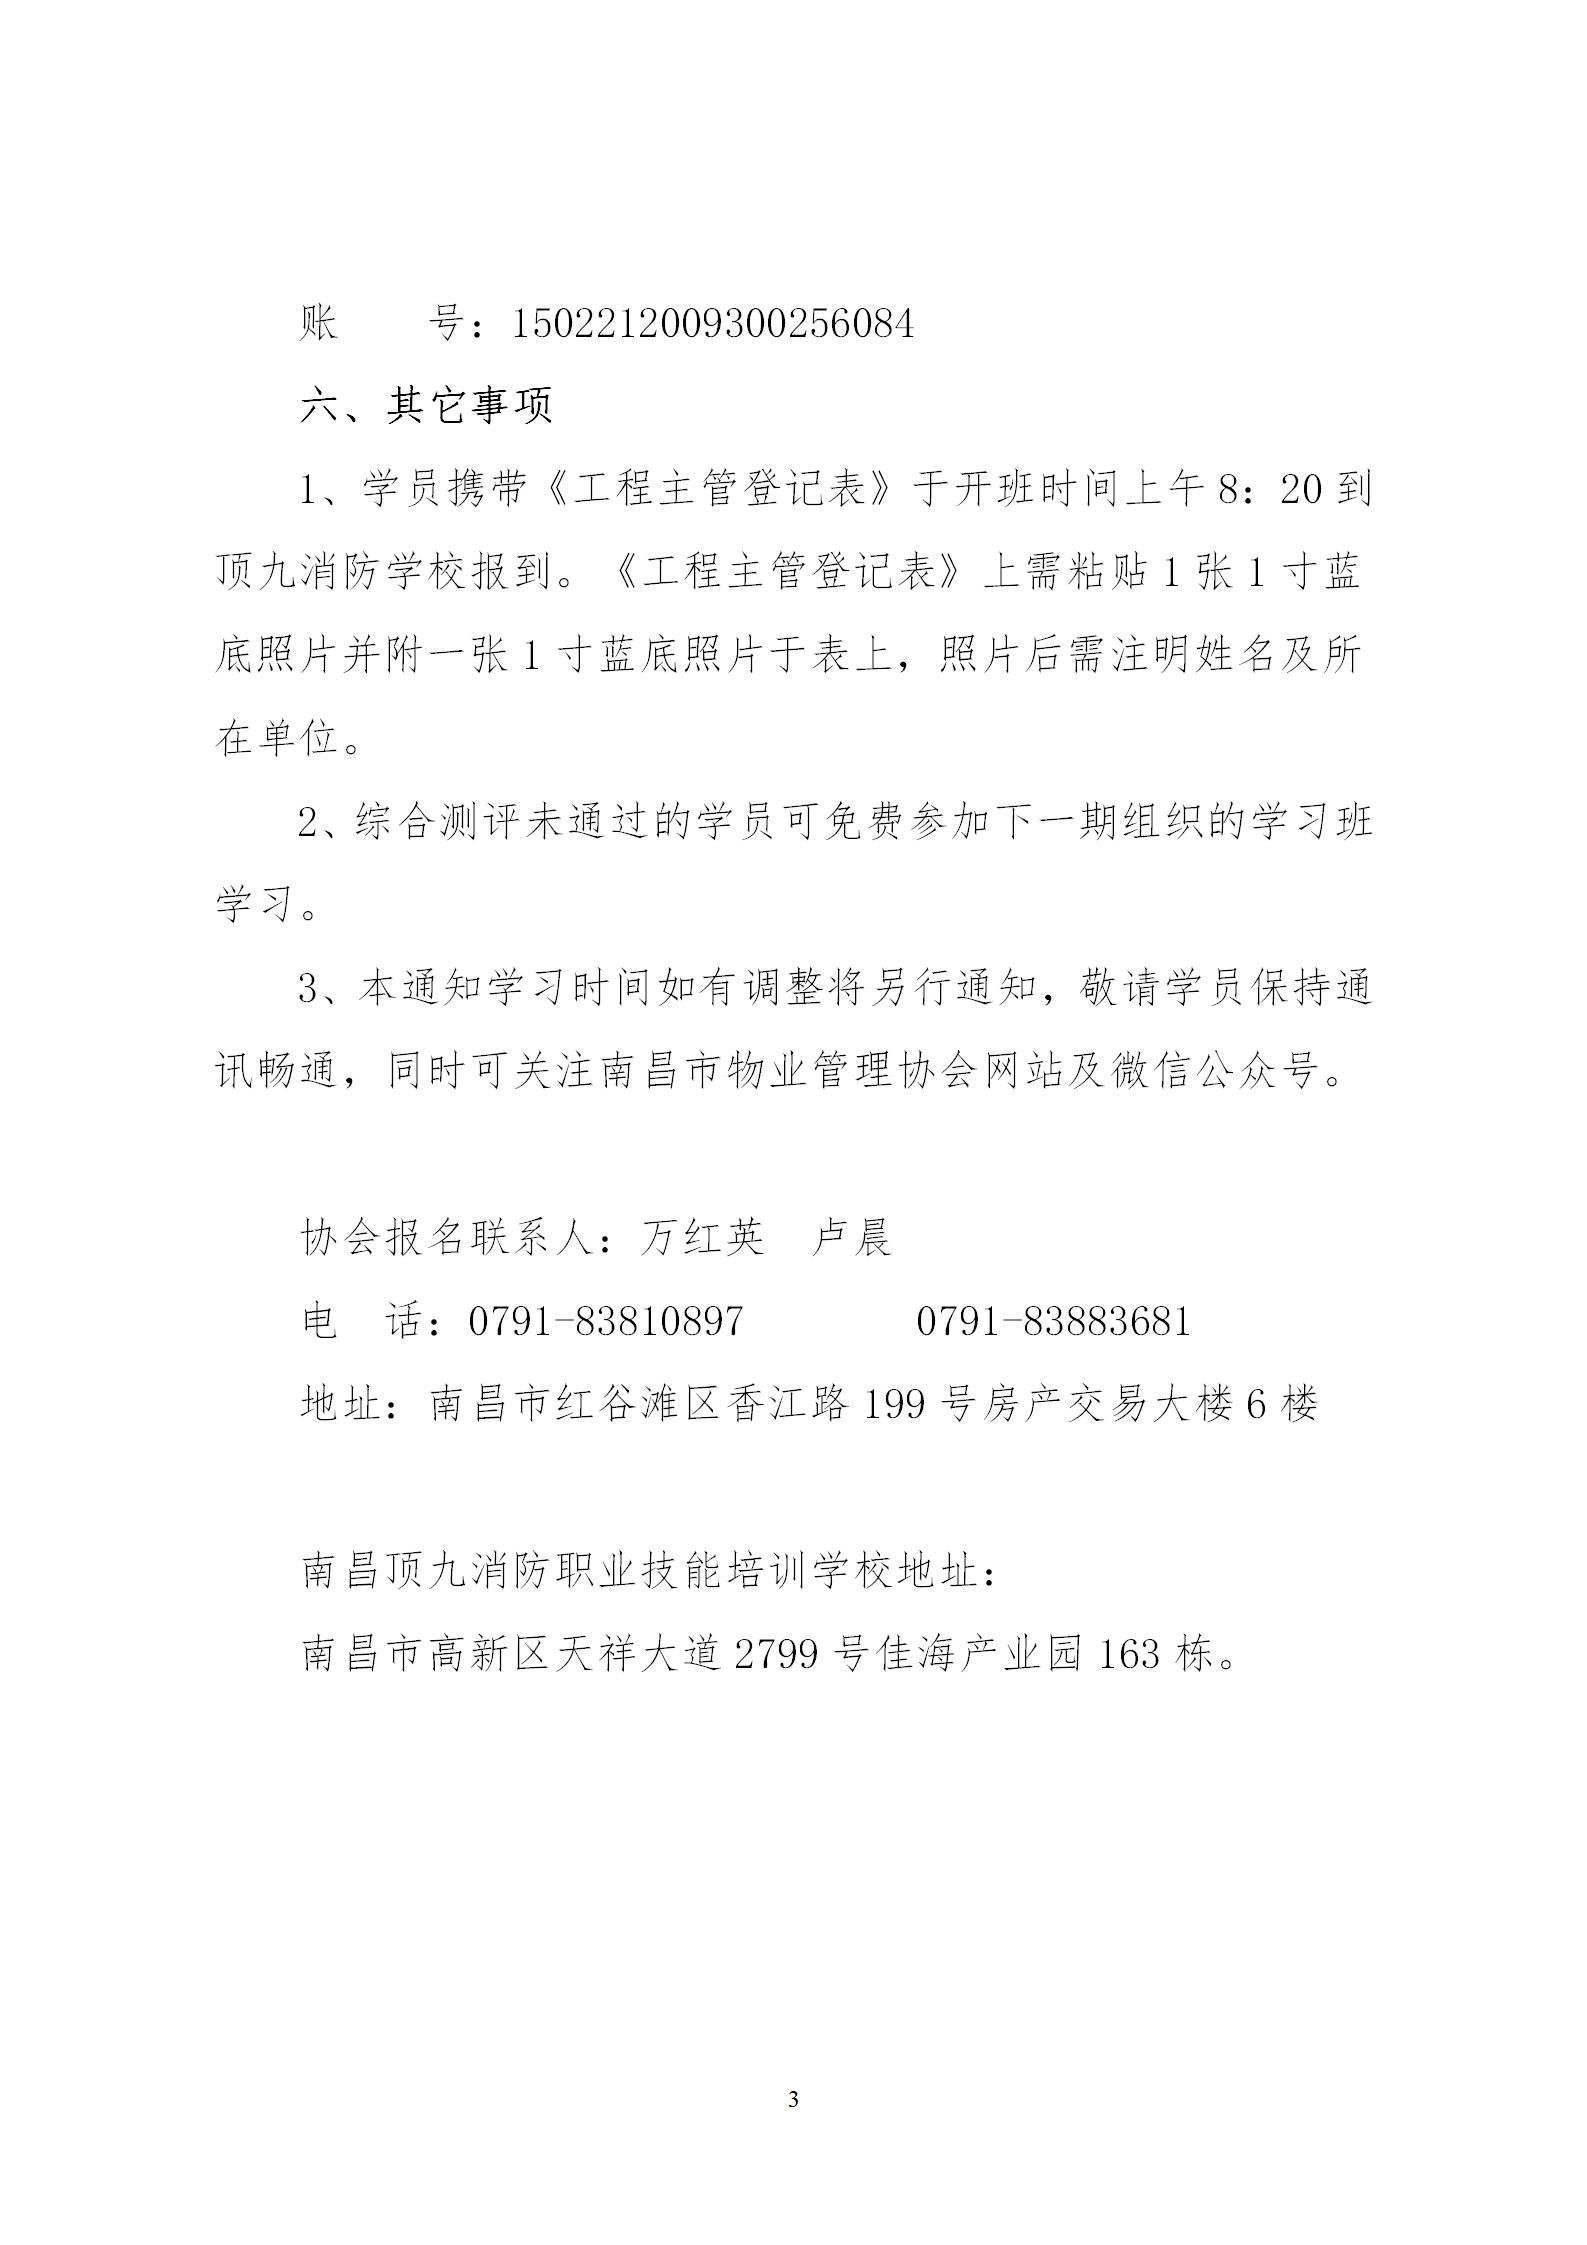 洪物协字[2020]11号 关于举办南昌市物业服务工程主管学习班的通知_03.png